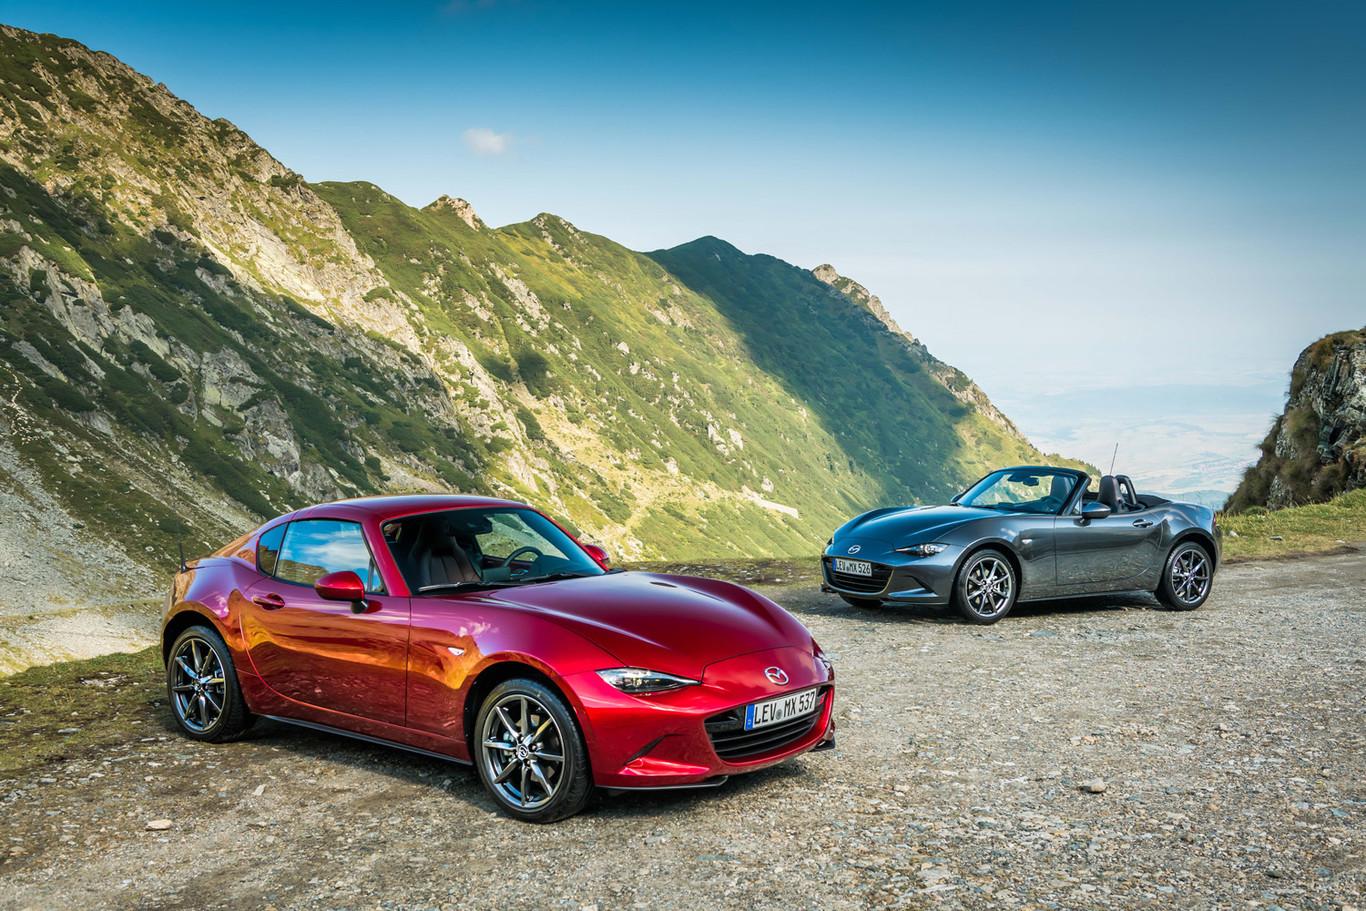 2021 Mazda Miata Redesign